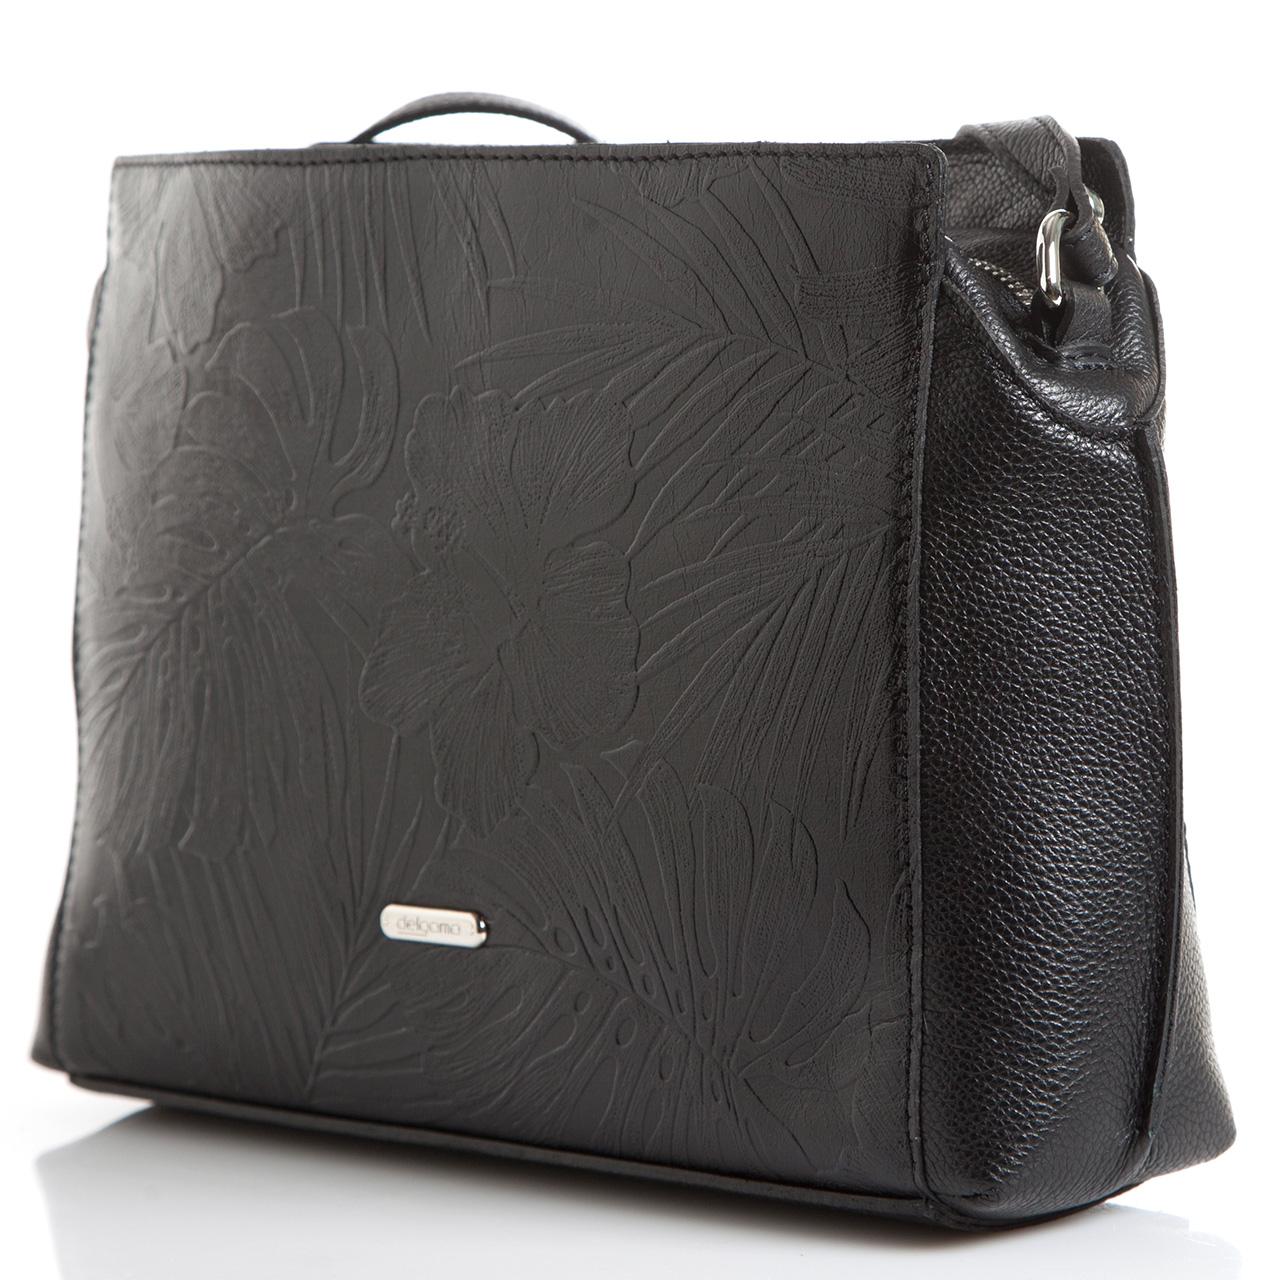 faa22be6999d Кожаные сумки купить в интернет-магазине Домани (Domani)